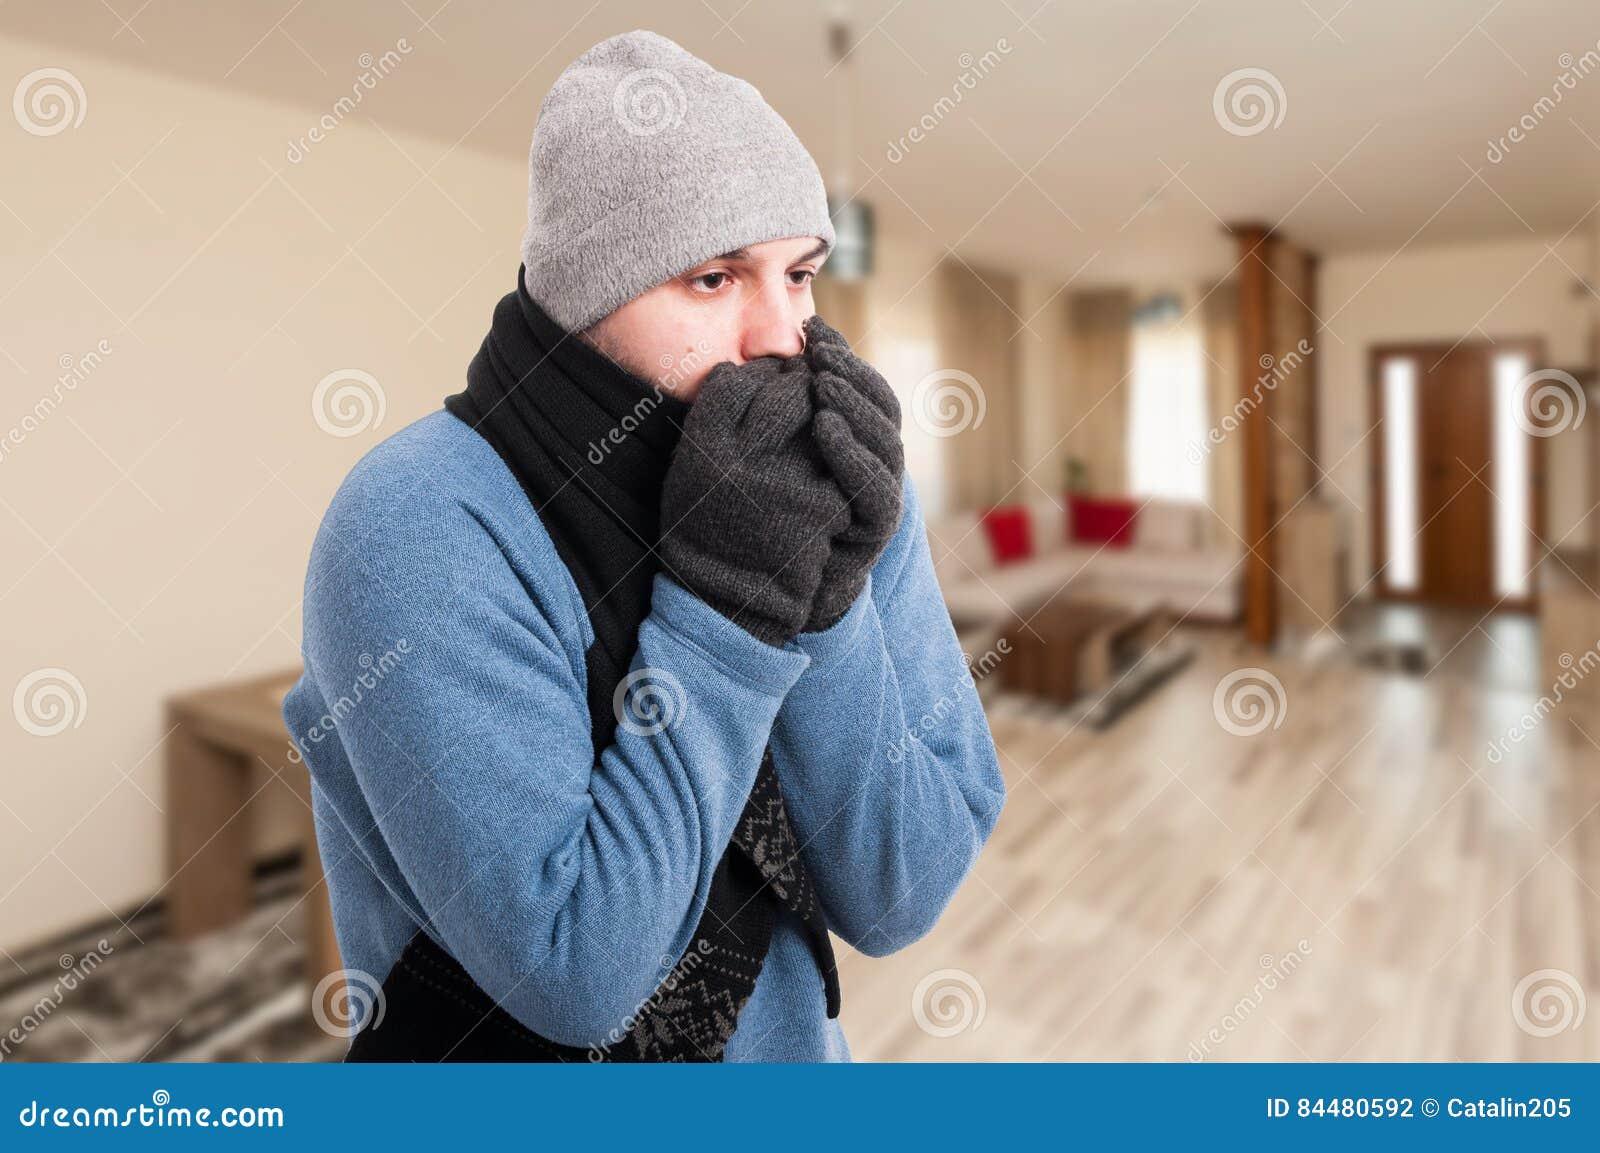 Gefühl des jungen Mannes, das seine Hände kalt und gewärmt worden sein würden